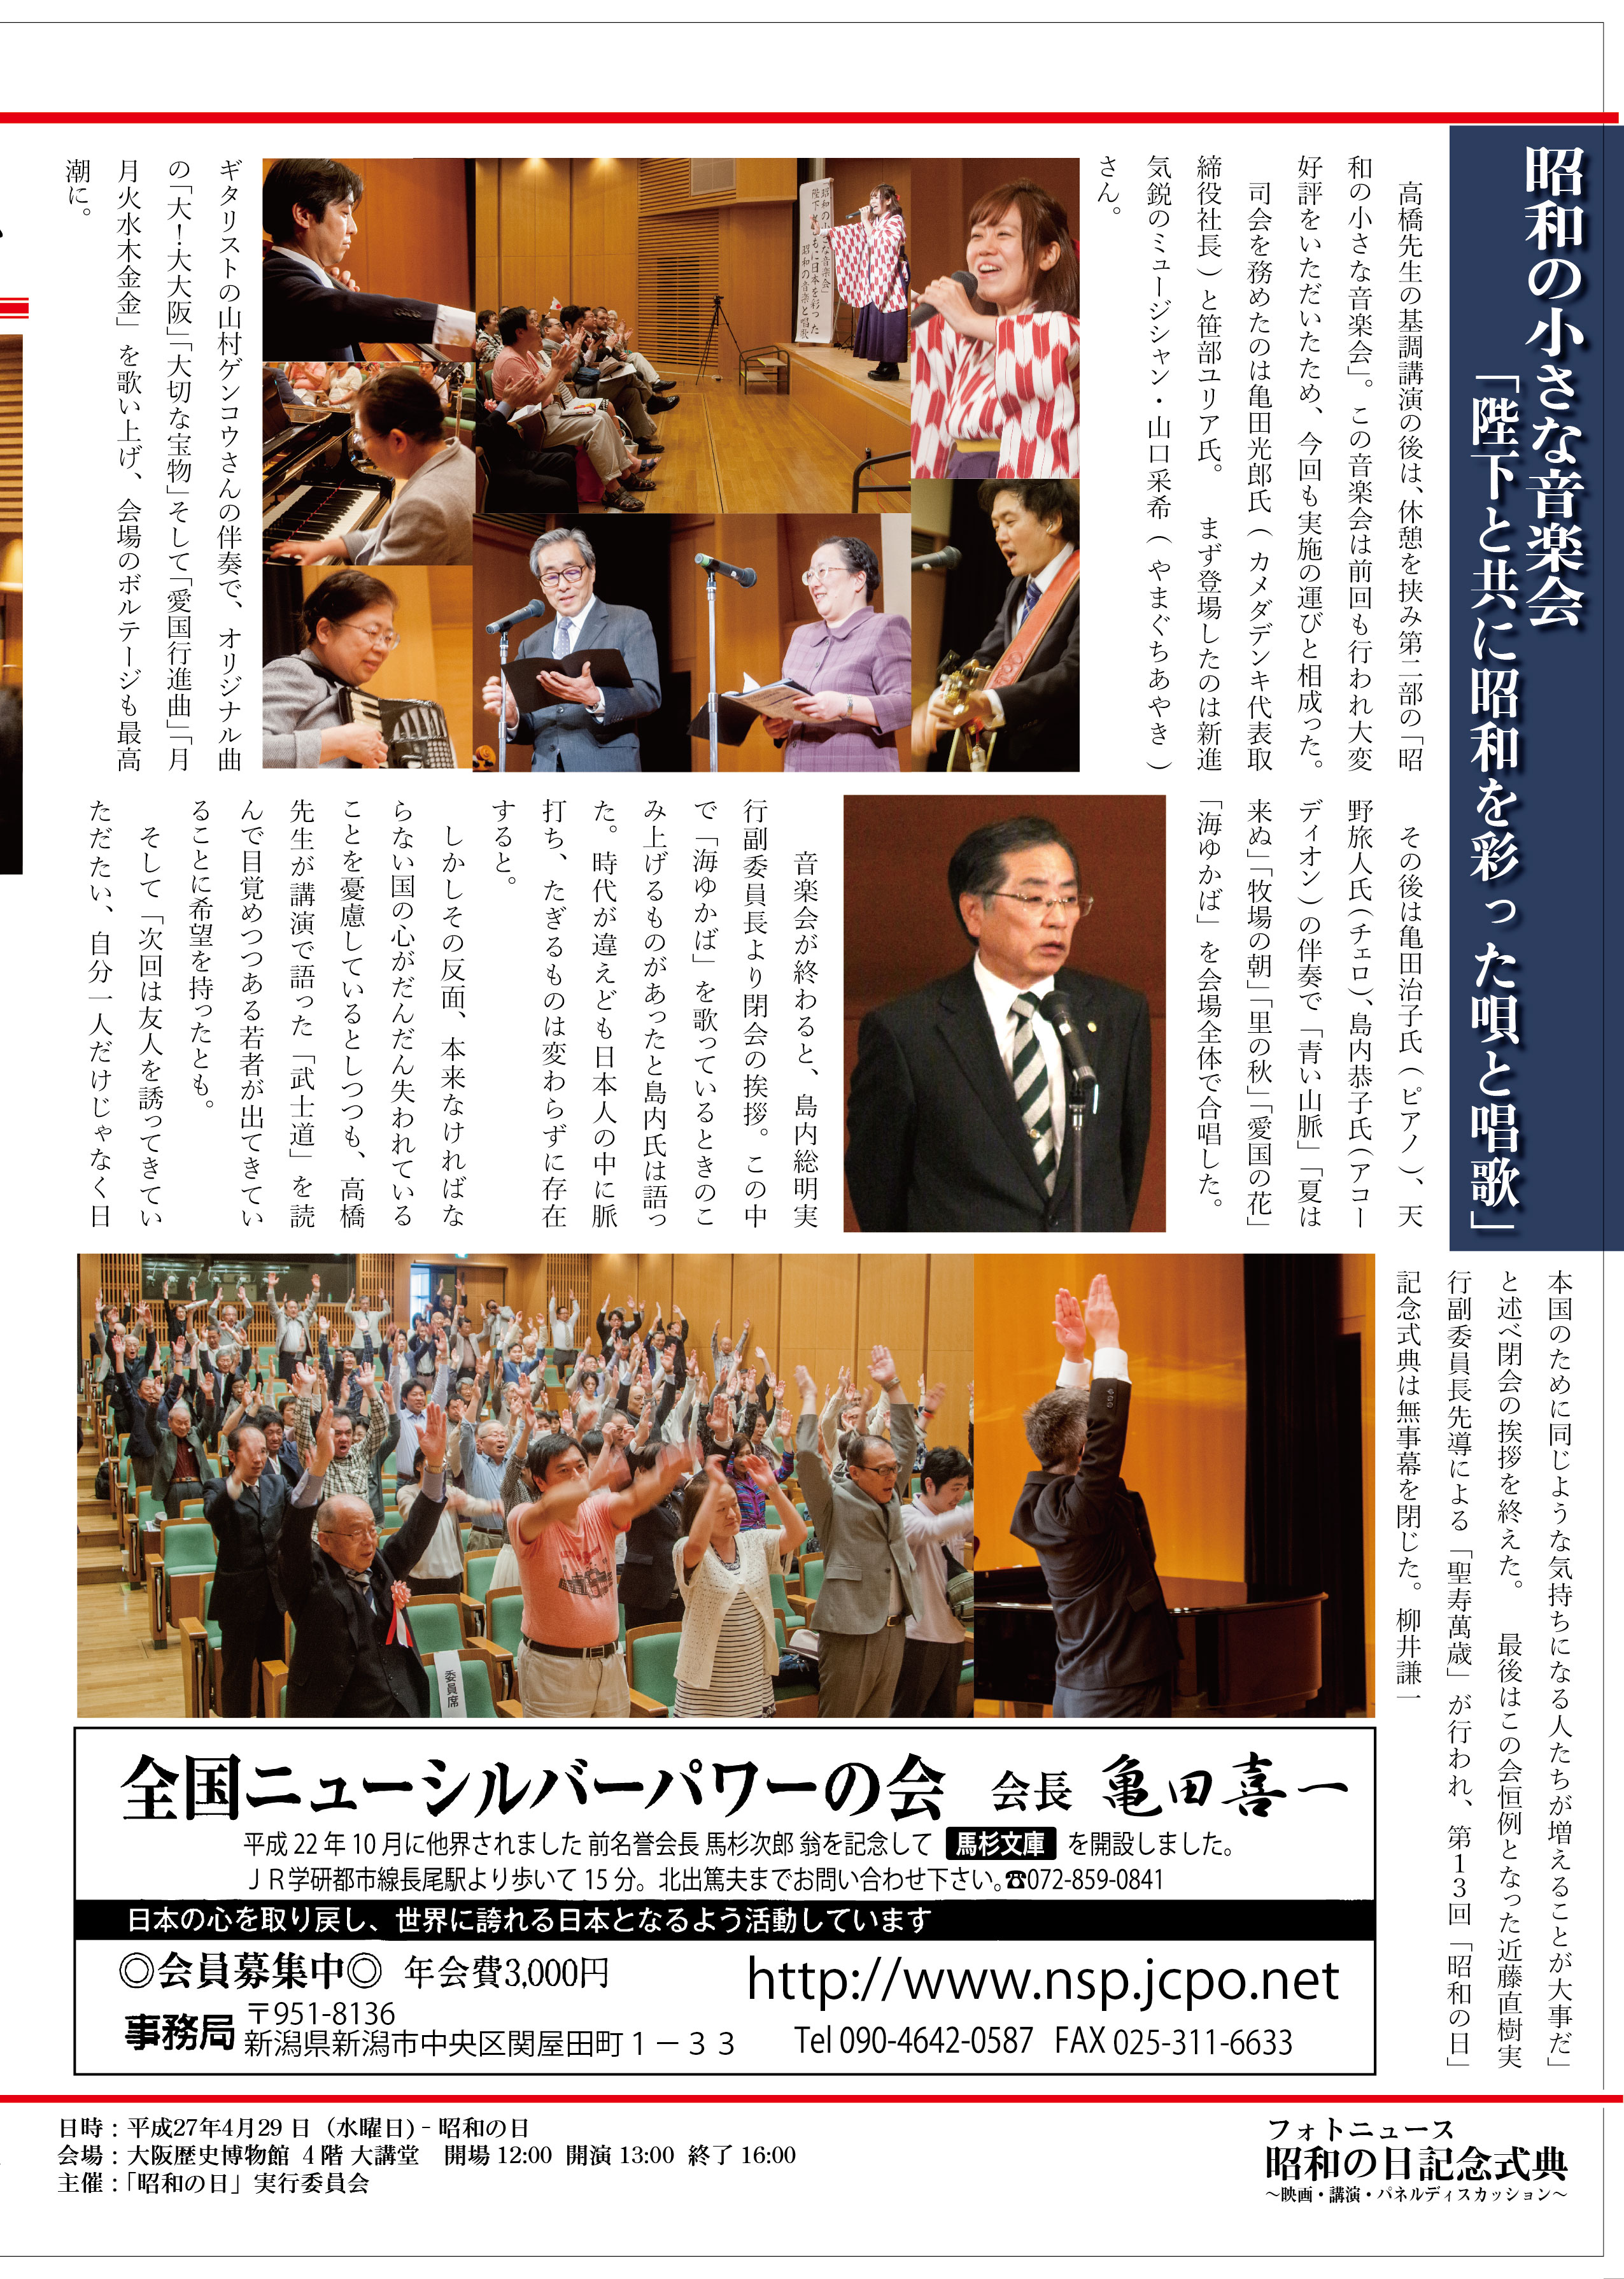 フォトニュース第13回_8ページ